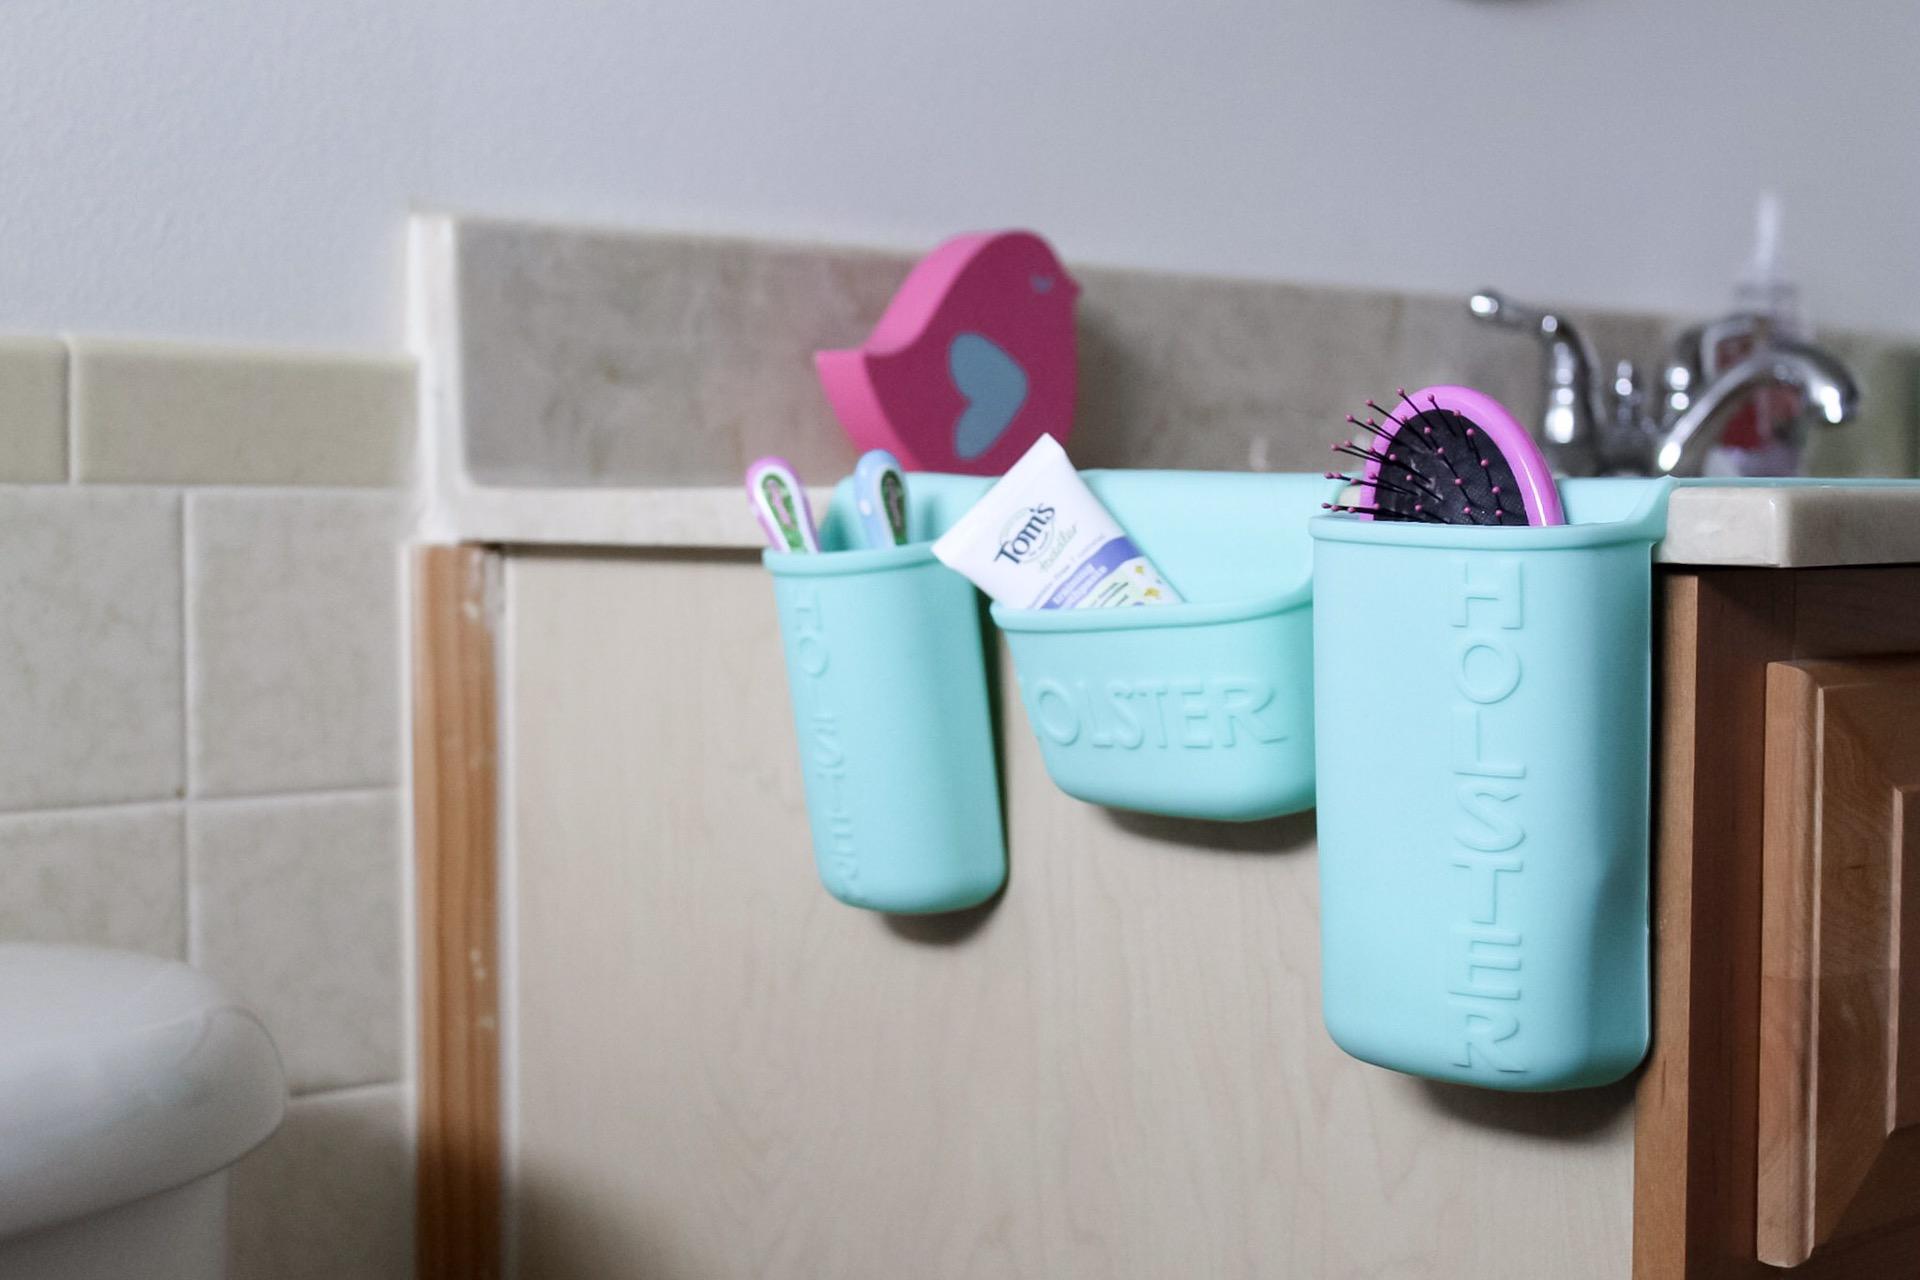 3 Simple Ways to Organize Your Home with Holster Brand, home organization, kitchen organization, storage necessities, bathroom storage, vanity organization